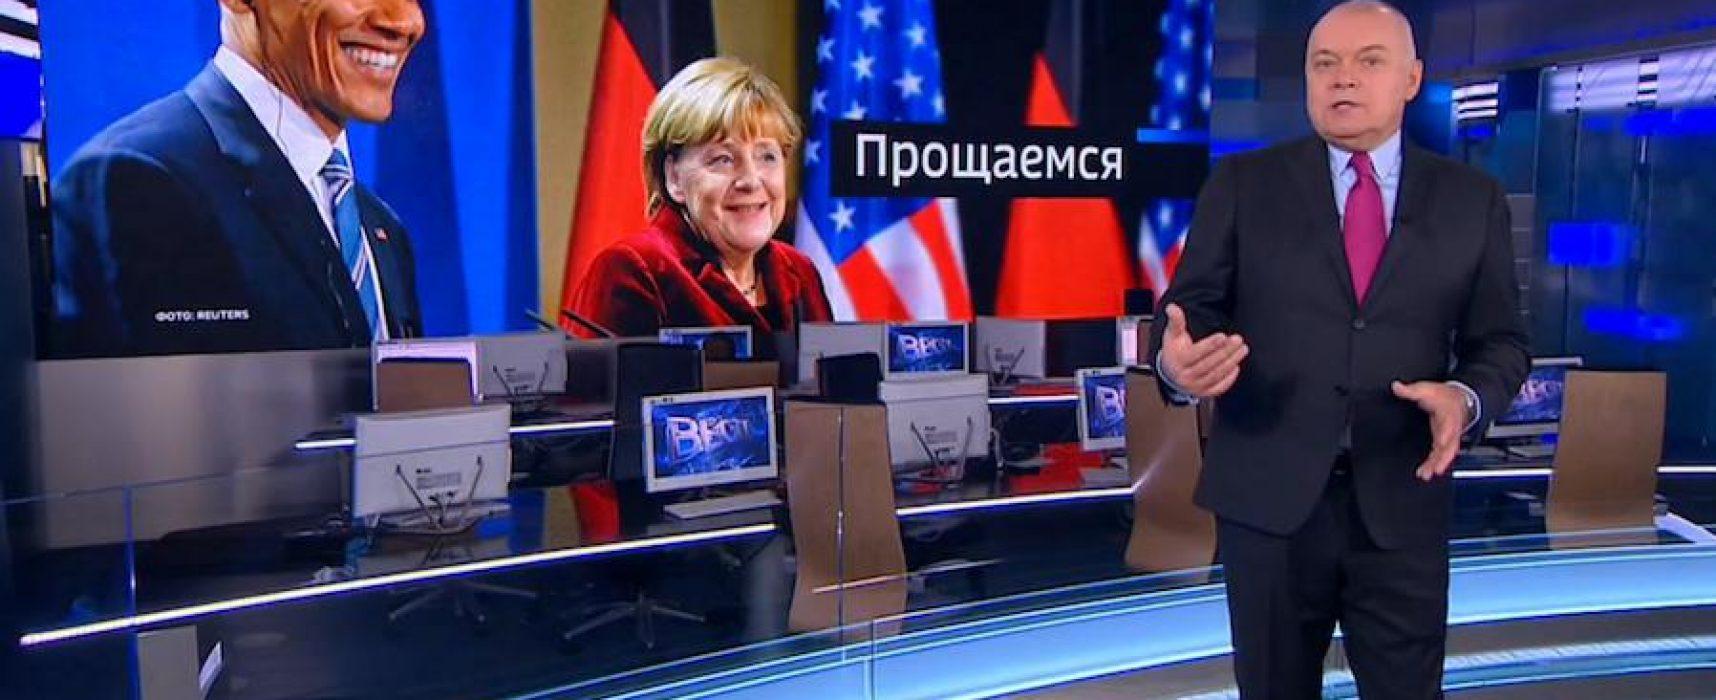 Russischer Chef-Kommentator lässt rassistische Bemerkung über Obama löschen